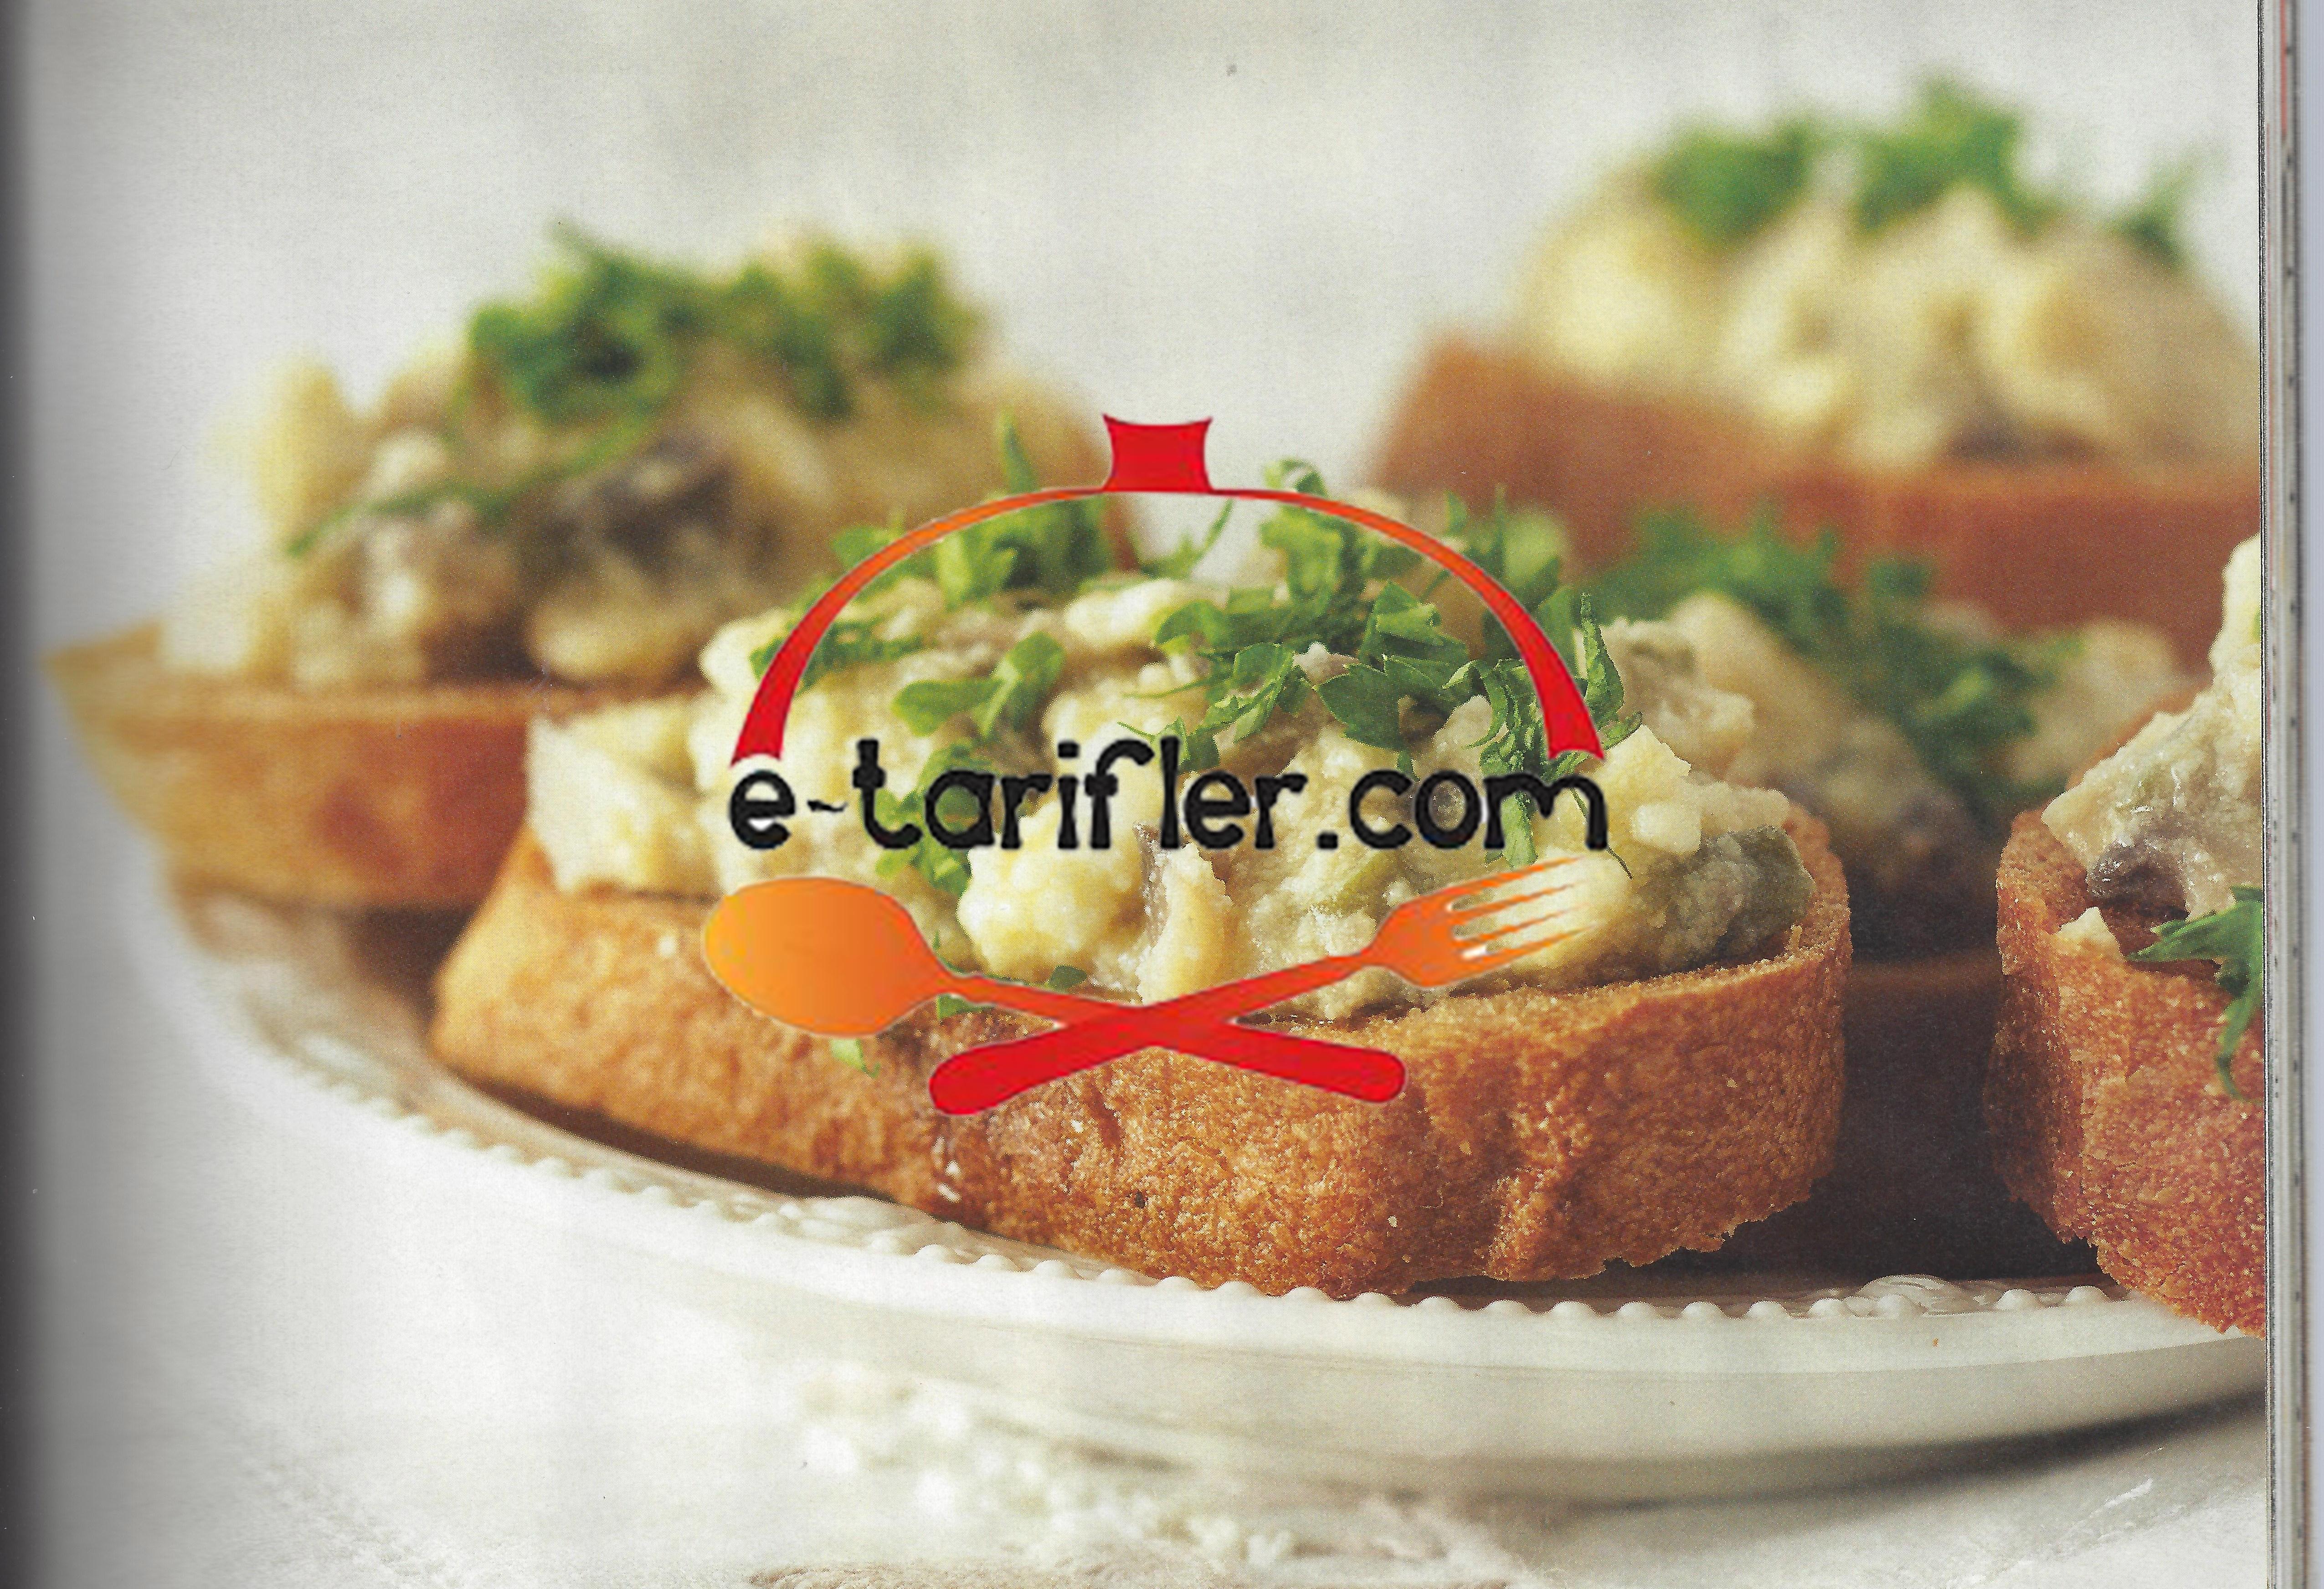 Kısır salatası tarifi ile Etiketlenen Konular